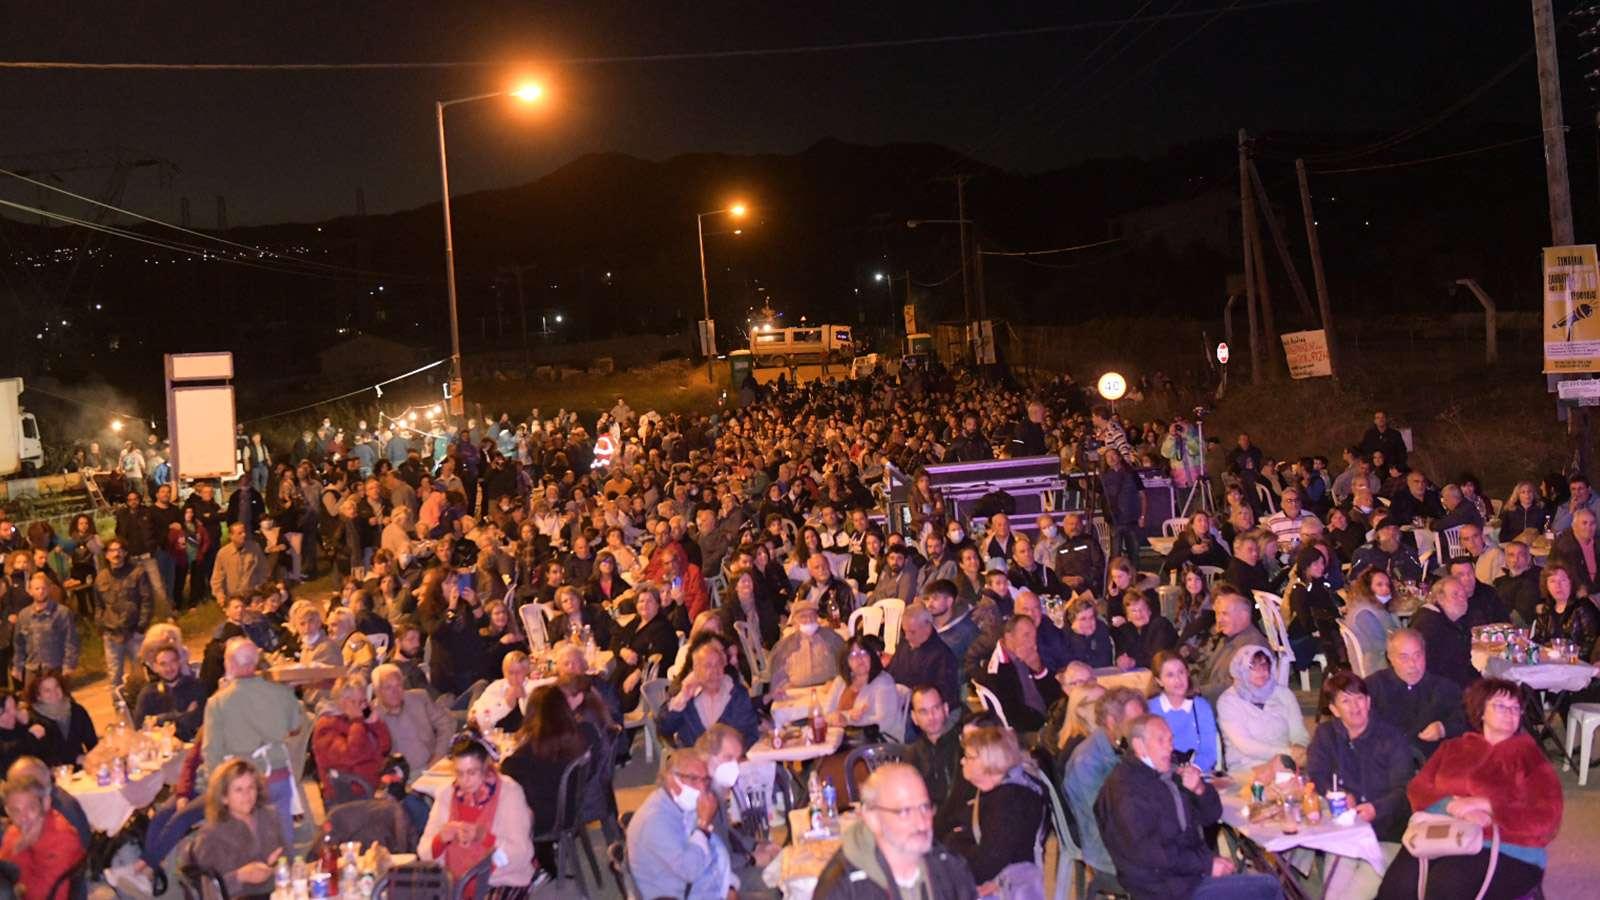 strofilia μεγάλη συναυλία αλληλεγγύης διεκδίκησης Στροφιλιάς 1